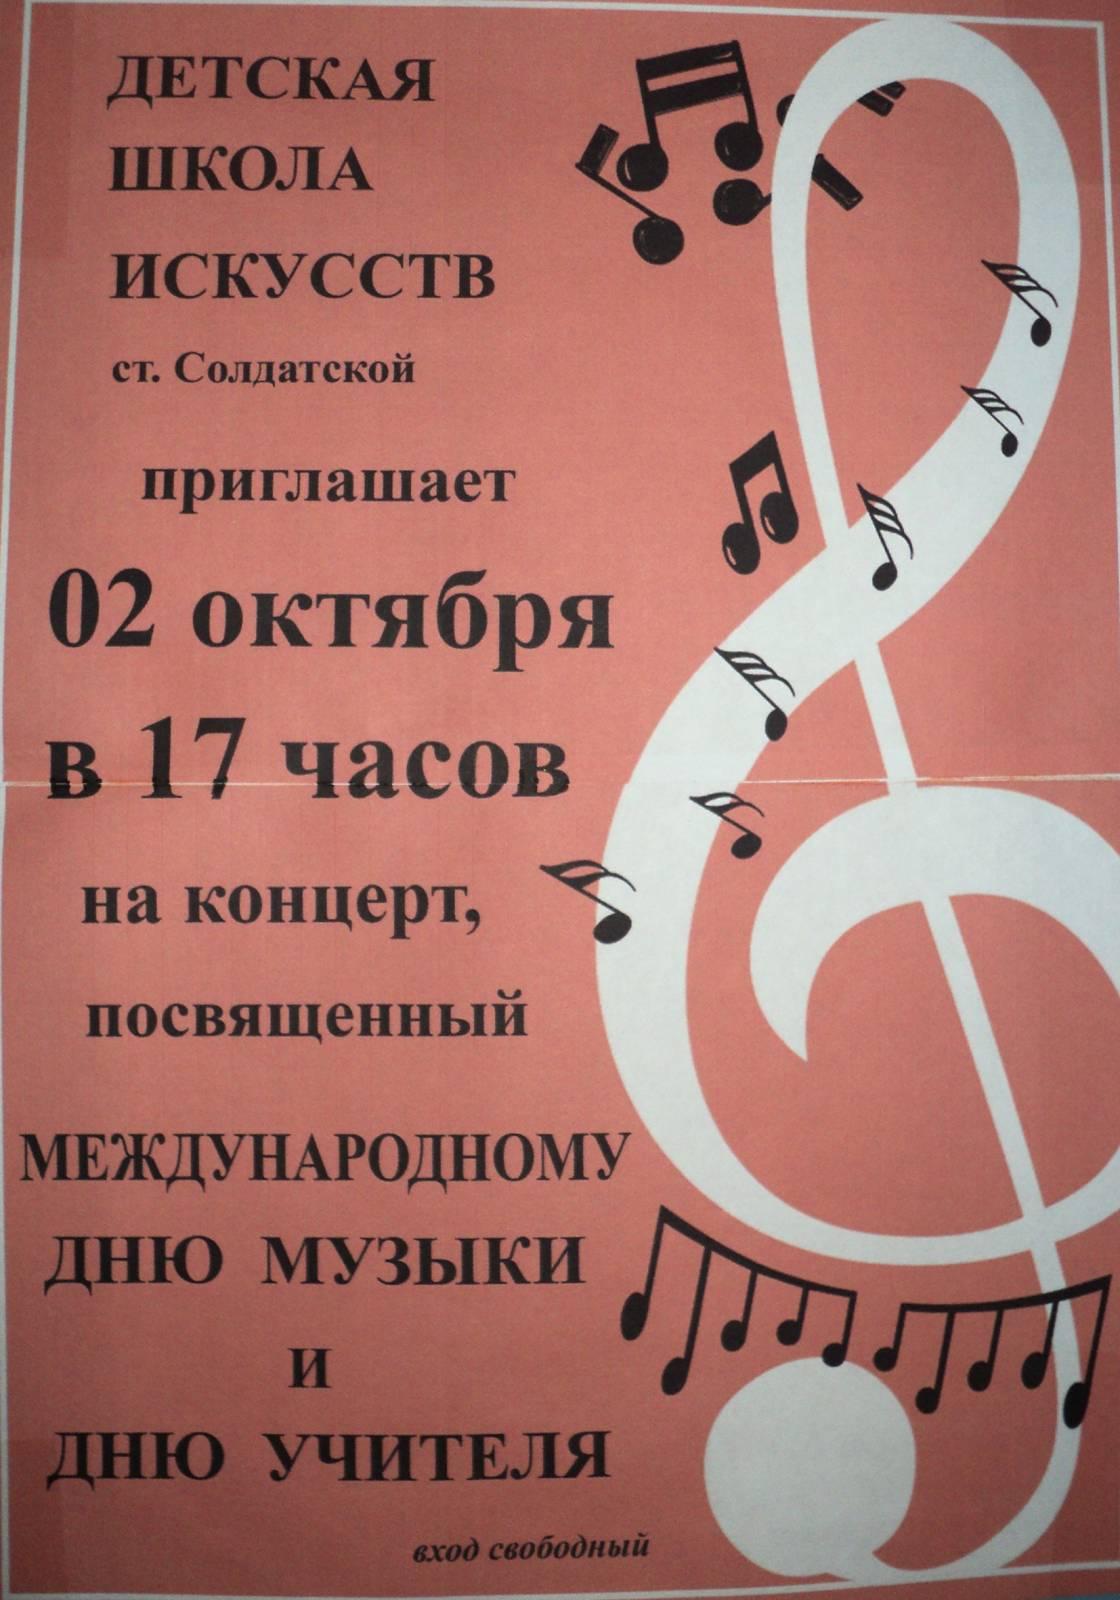 Приглашение на концерт картинки, хохломская роспись